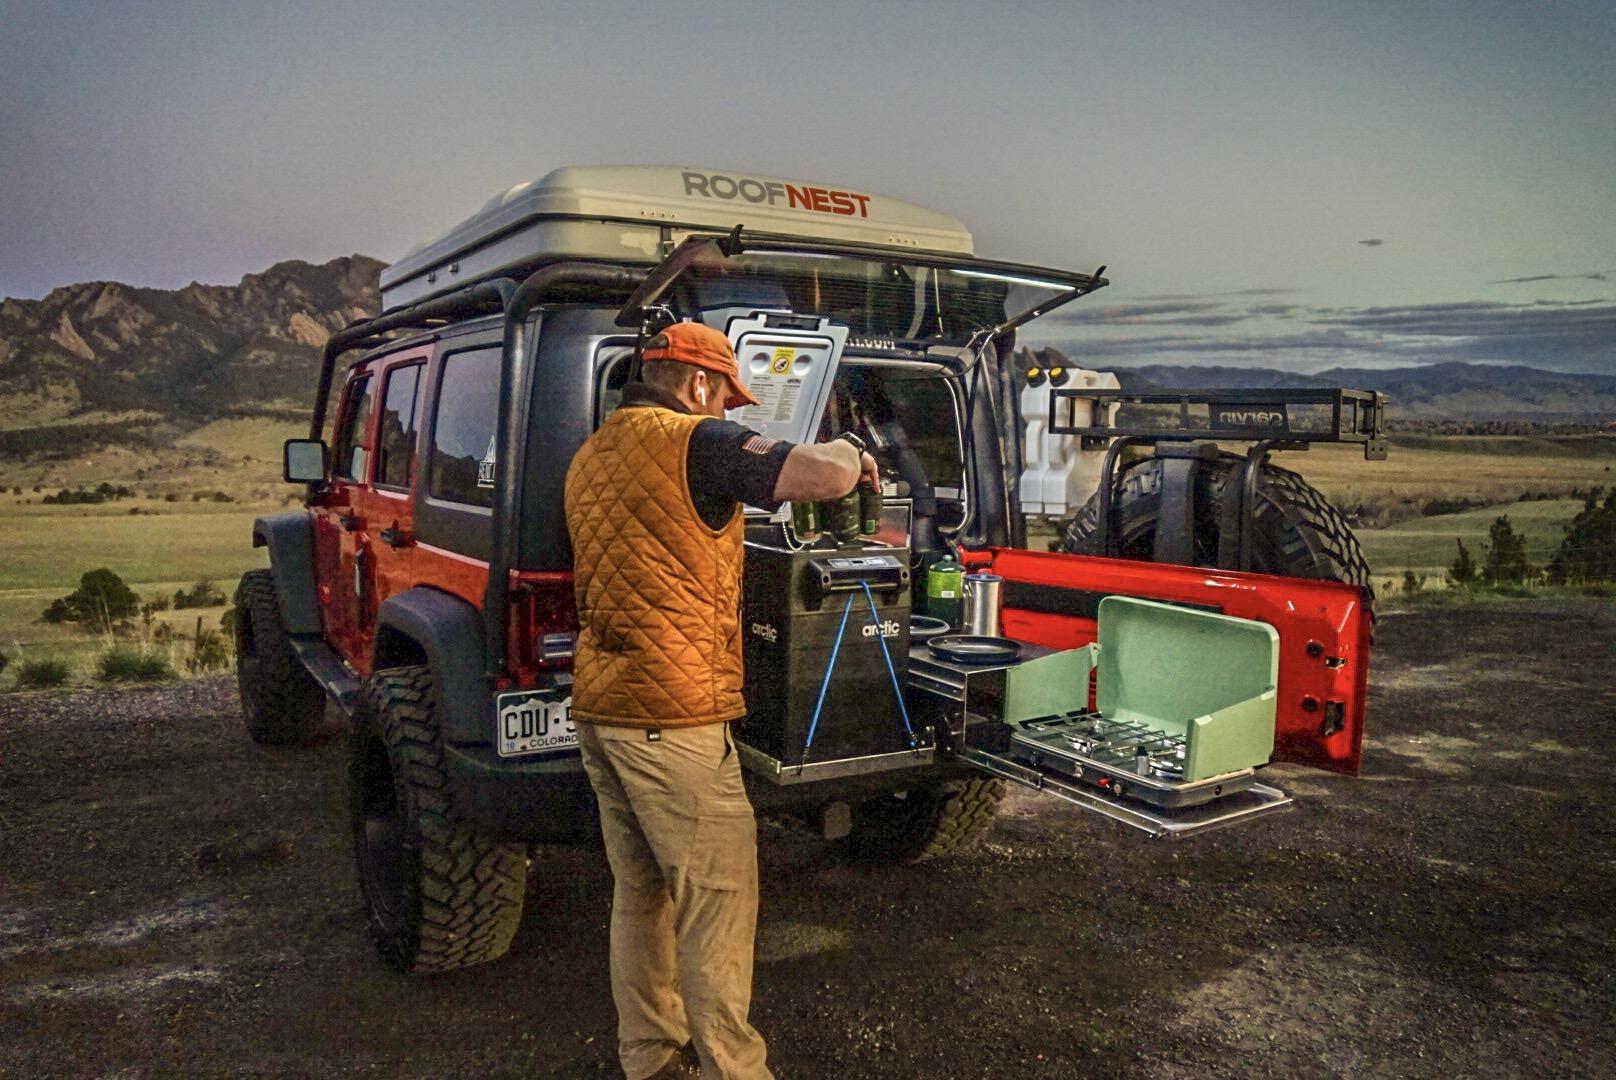 Jeep Wrangler Rubicon Overlanding vehicle